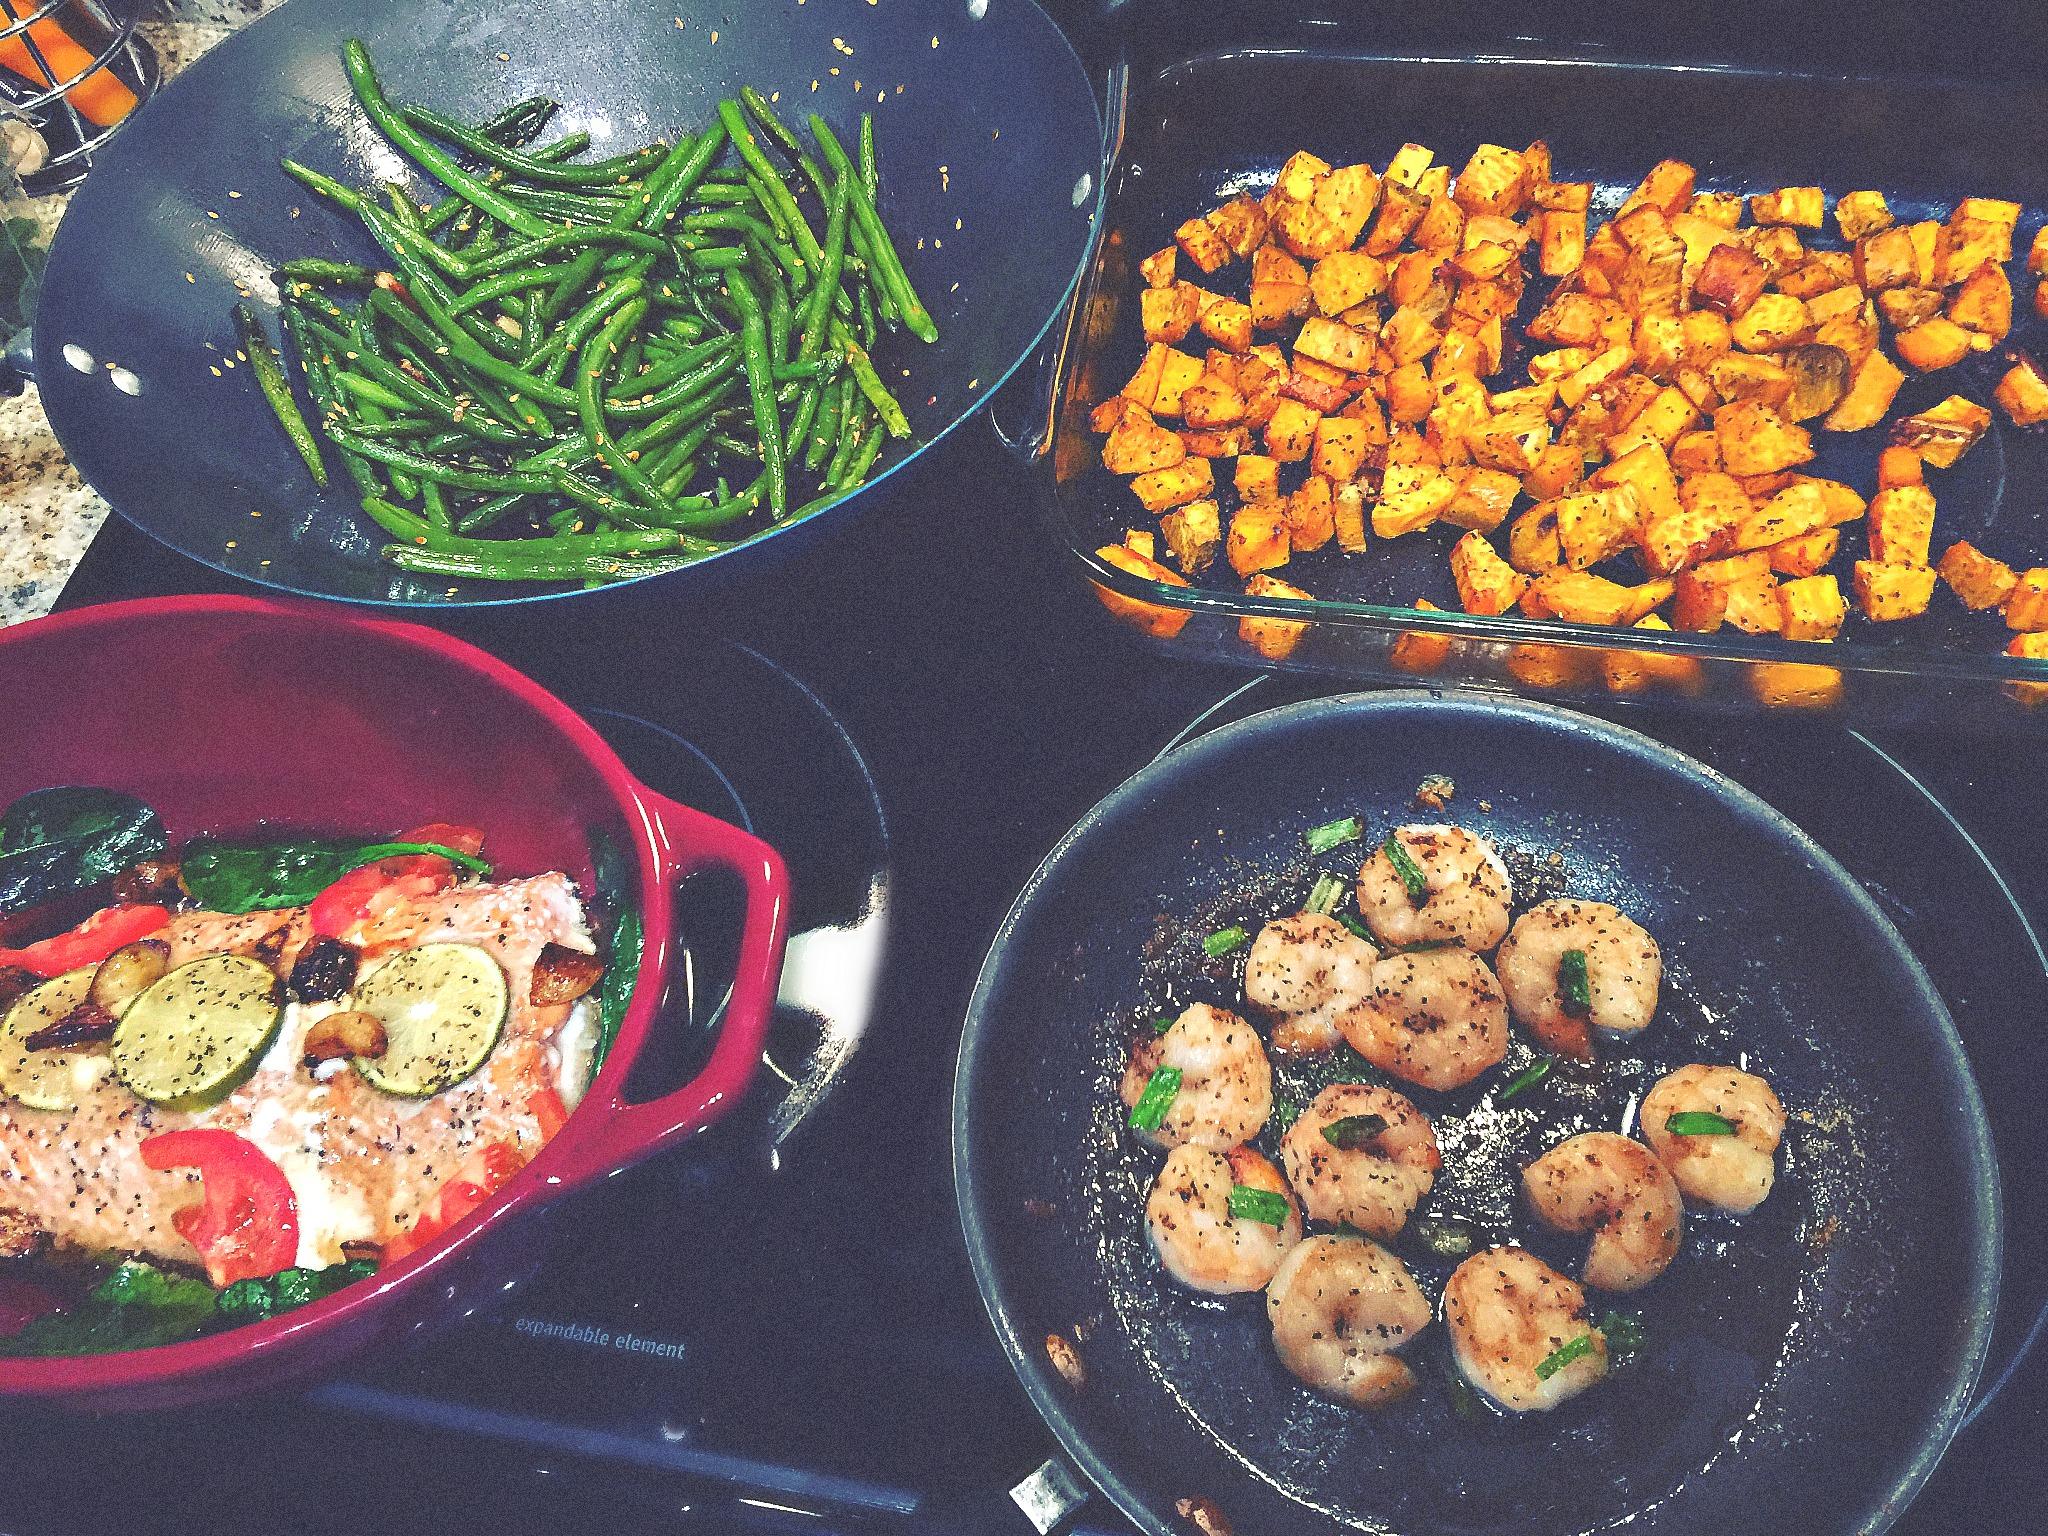 Friday Night Dinner: Salmon, Sweet Potatoes, Shrimp & Green Beans